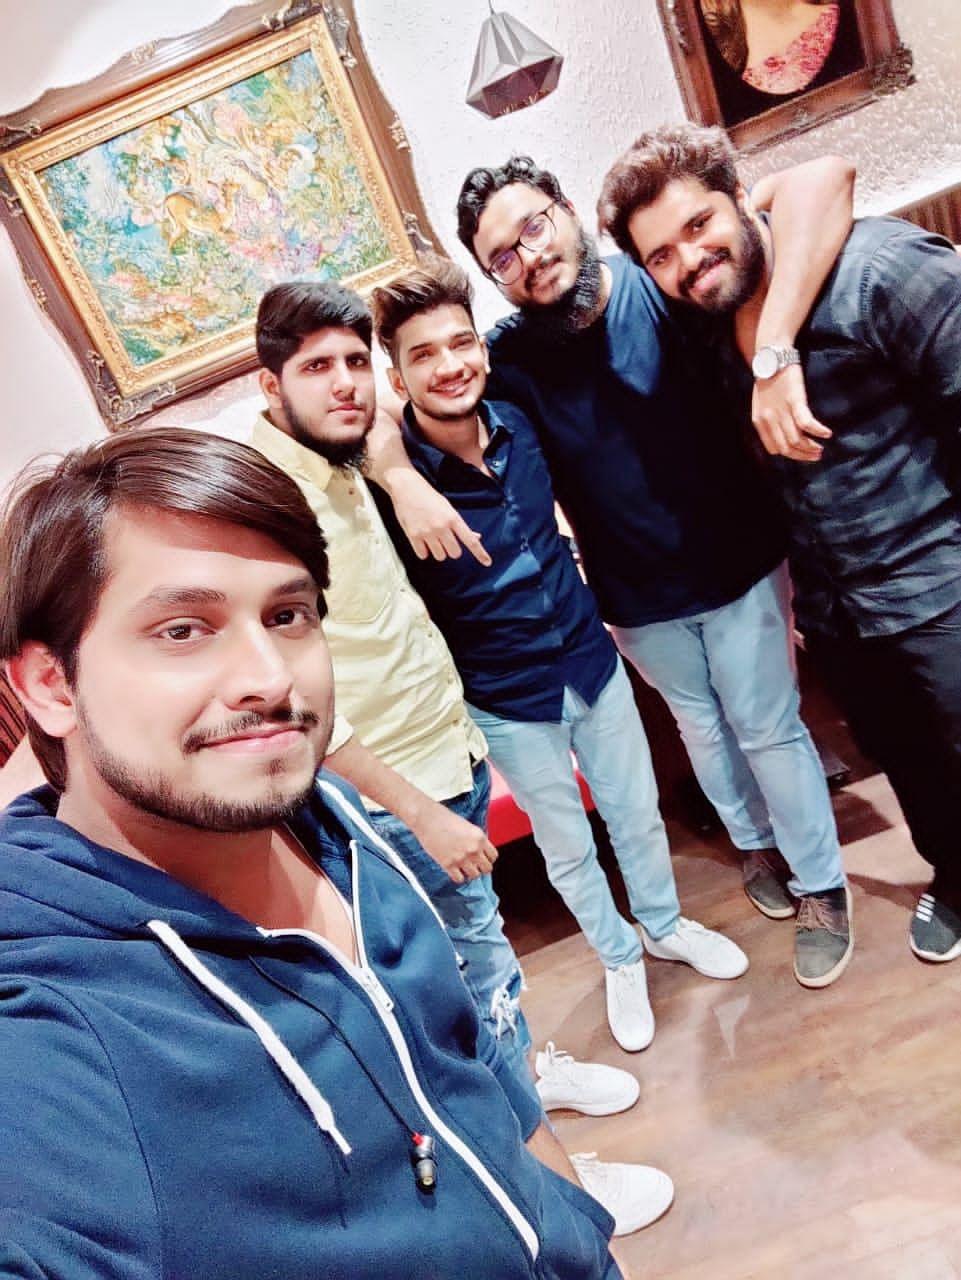 (From left) Sadakat, Abdullah, Munawar, Saad and Sagar hanging out after one of Munawar's performances in a restaurant in Mumbai.